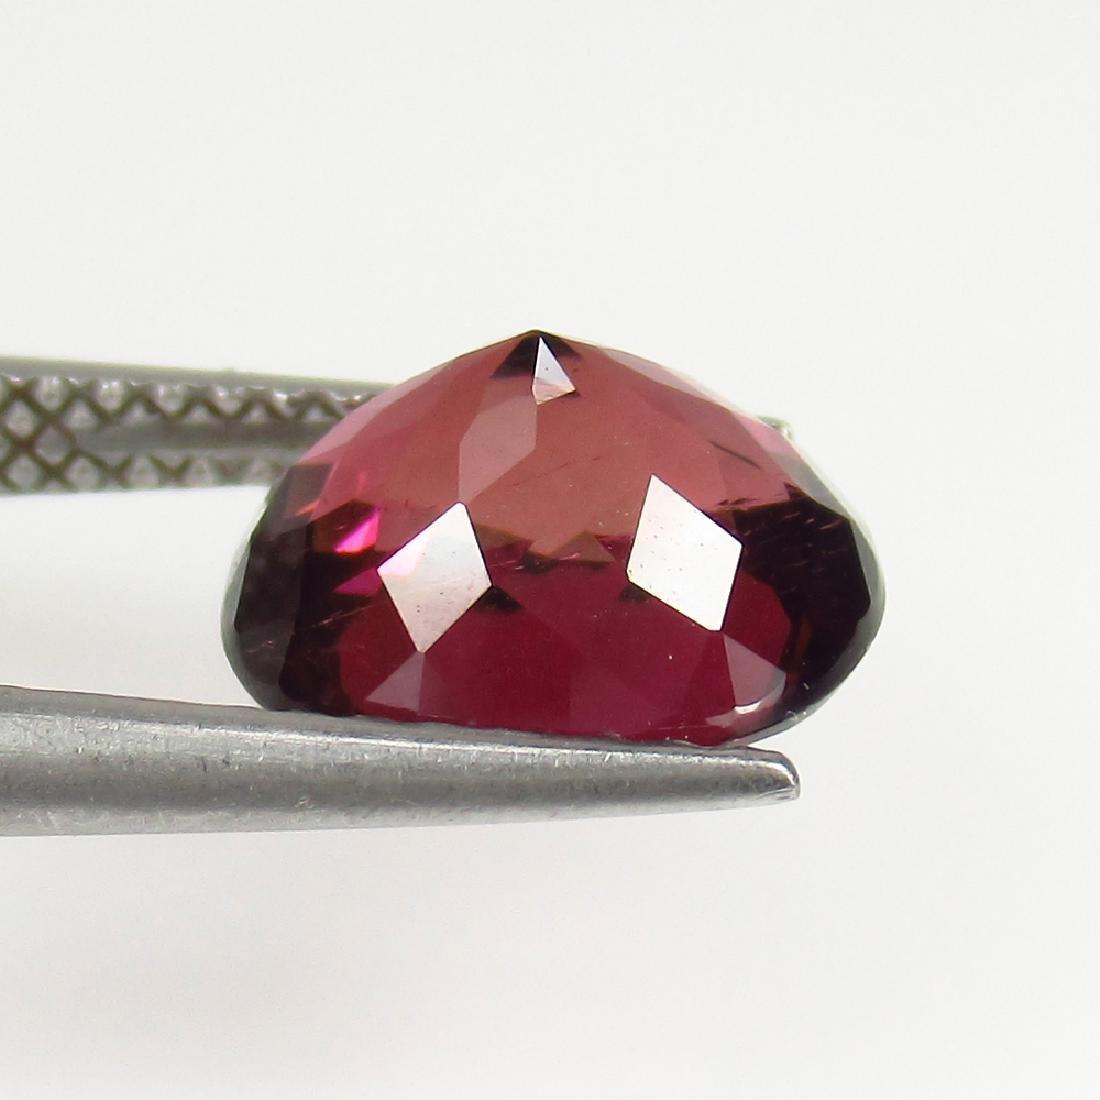 2.50 Ctw Natural Loose Deep Reddish Pink Rubellite - 2